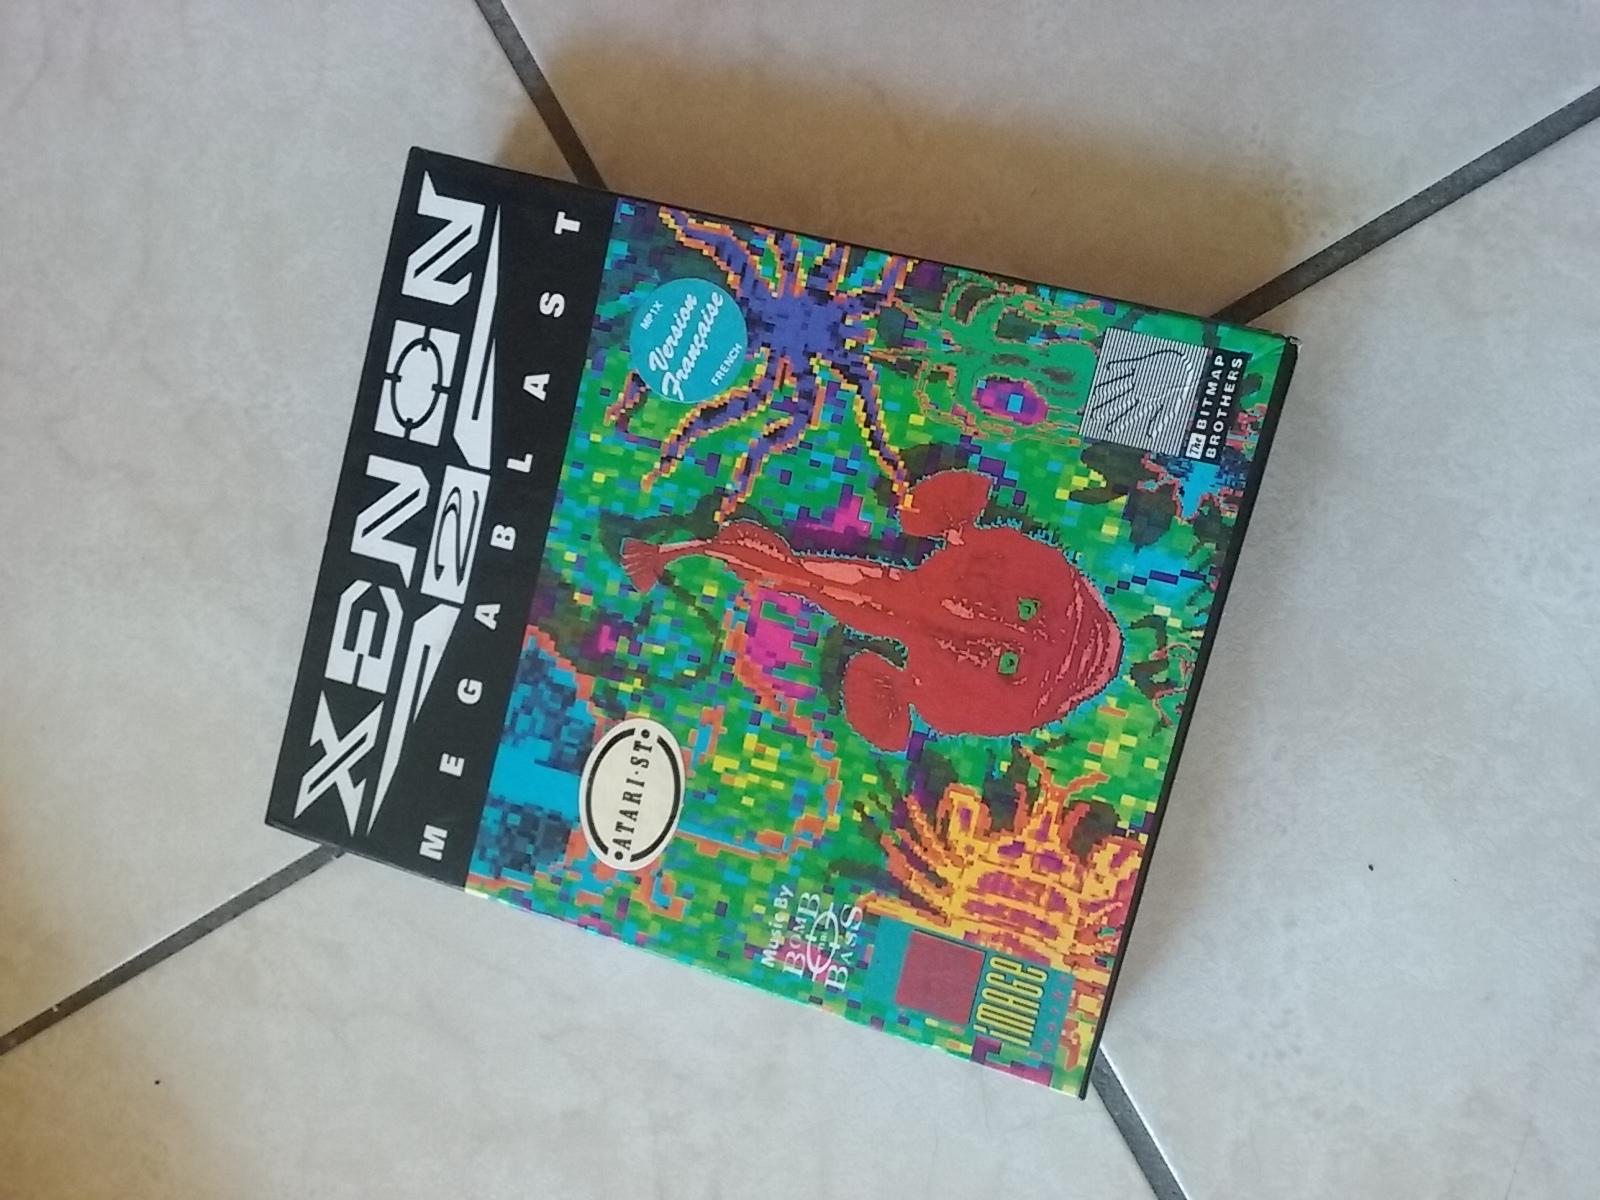 Xenon2_st1_0620.jpg